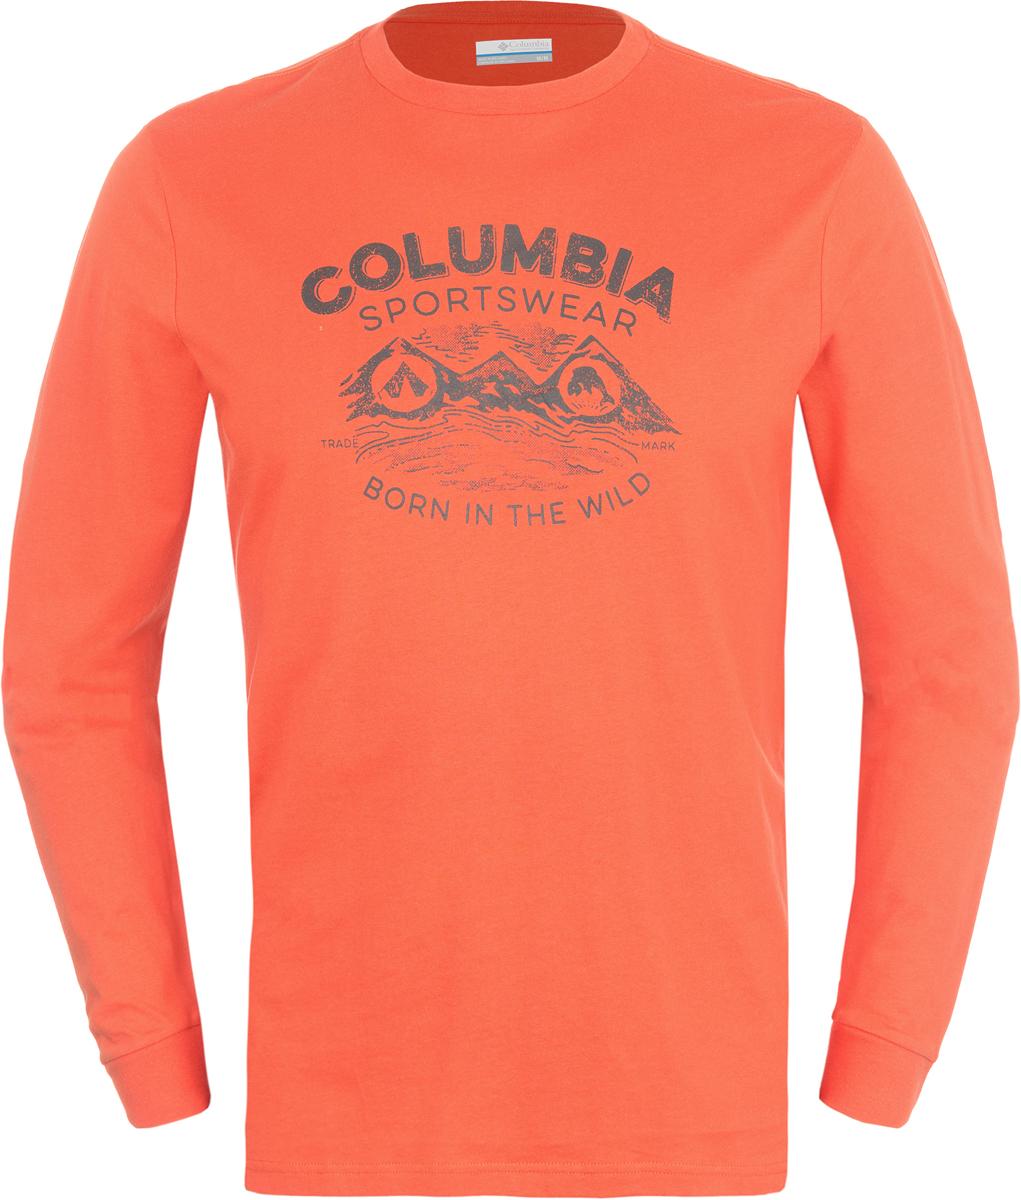 Футболка муж Columbia Born In The Wild Ls M T-Shirt, цвет: оранжевый. 1739421-834. Размер XL (52/54)1739421-834Мужская футболка с длинным рукавом, выполненная из натуральных тканей прекрасно дополнит гардероб.